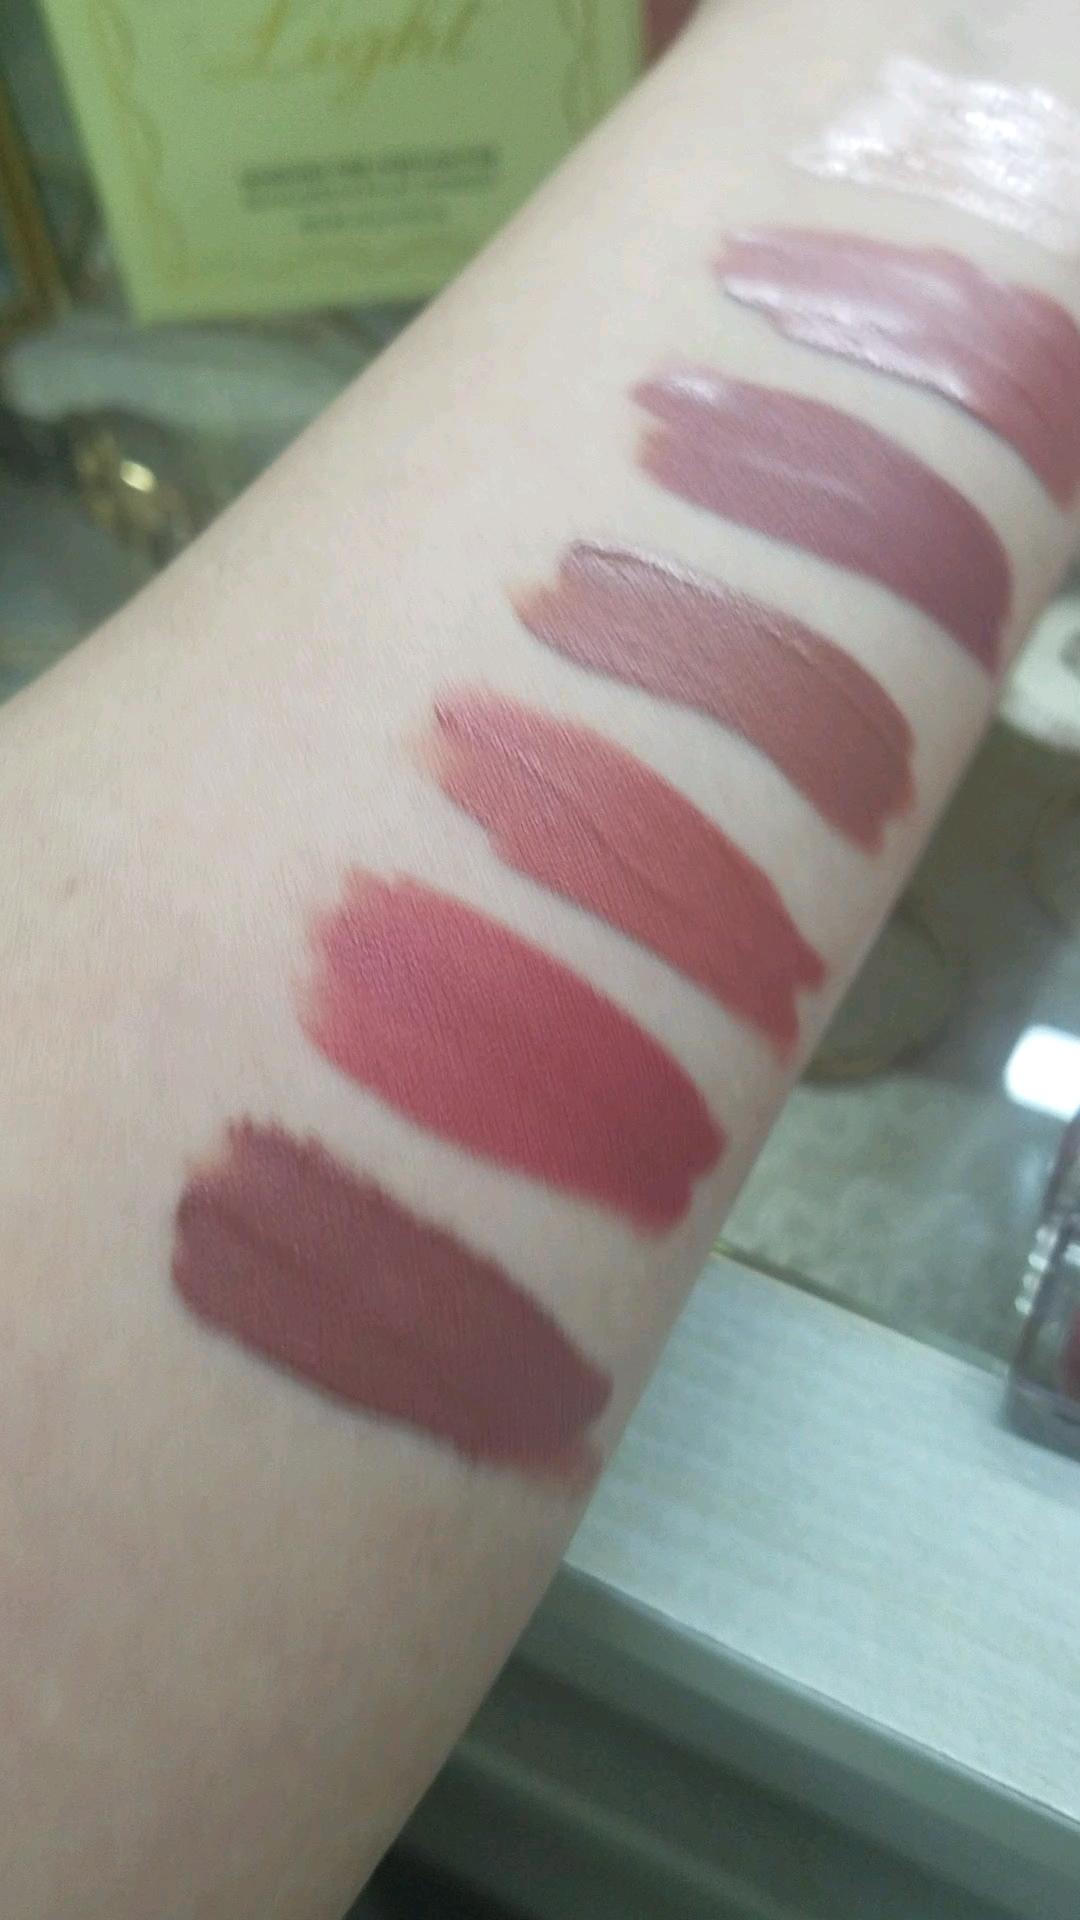 【動画付きクチコミ】ただただ最近使ってる自分的秋色味?の💄カラーポップのカラーレビューです(`・ω・´)ゞ😅元々赤い唇なので、あんまりシアーな物は買いませんムラになりやすい物も嫌いセザンヌはヒリヒリ、ちふれも☓な唇です。上から○カラーポップウルトラグロッ...